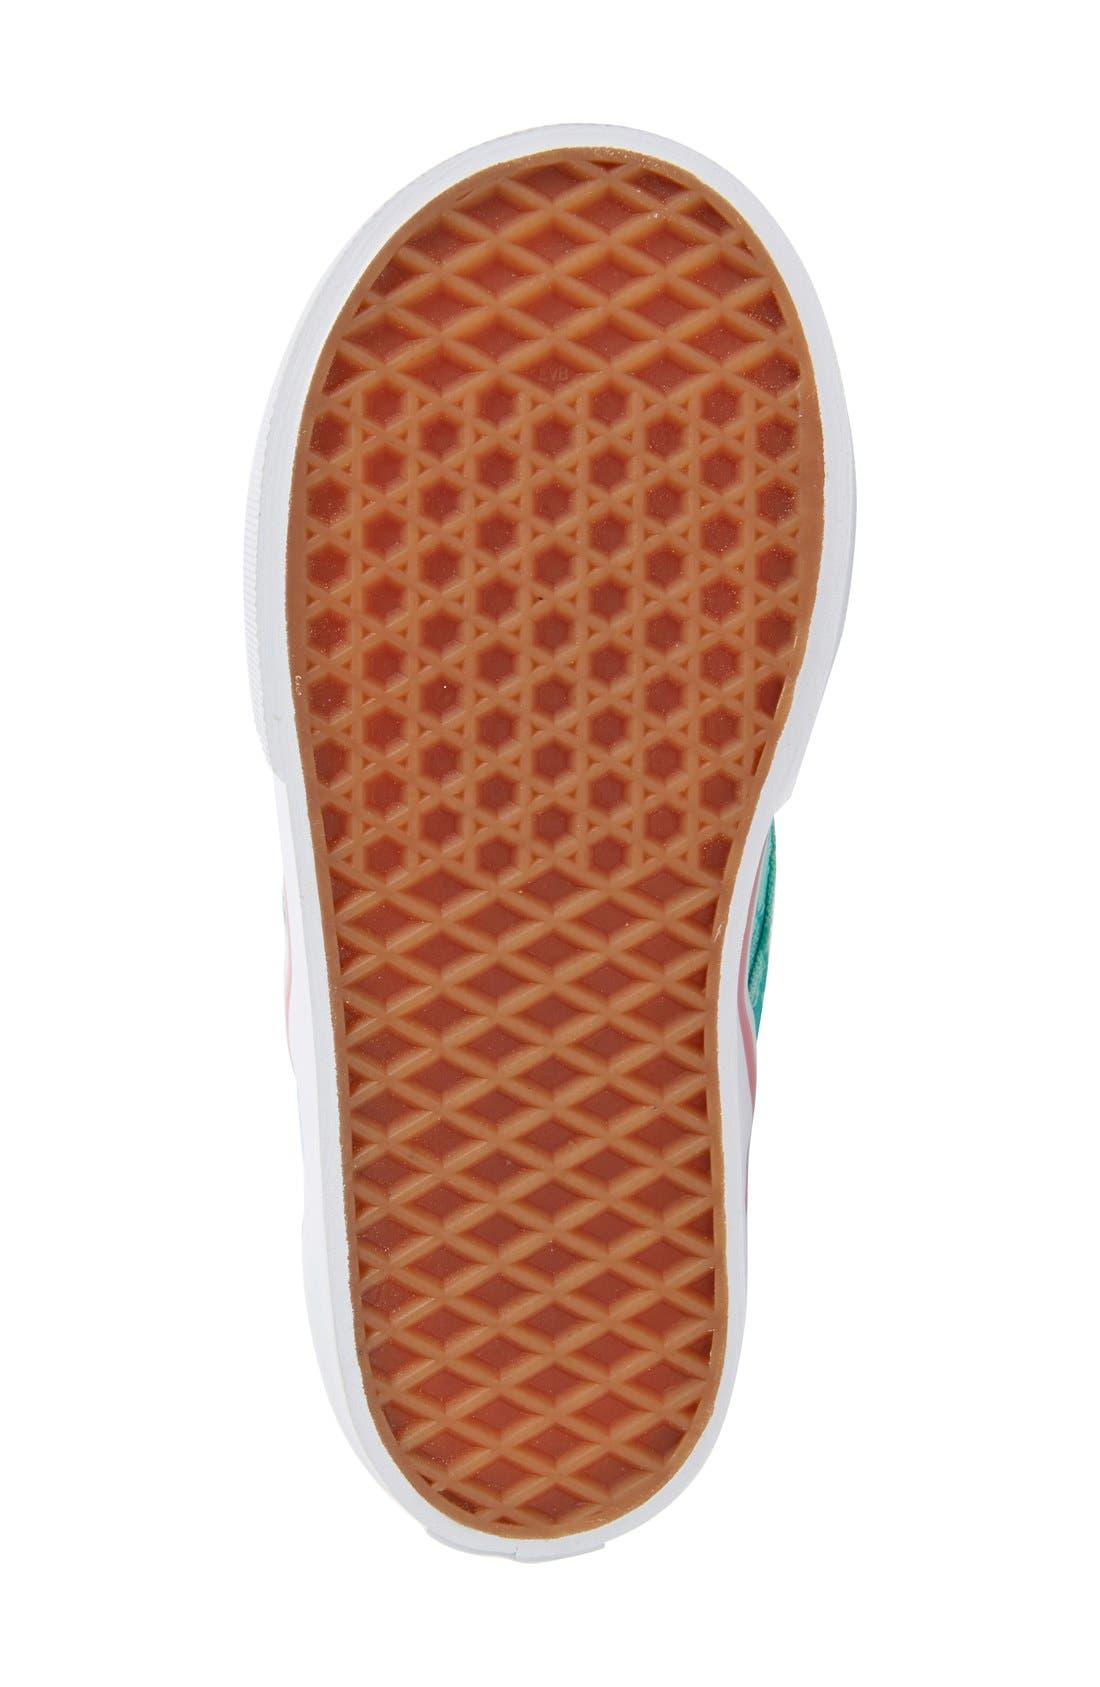 VANS,                             Classic Slip-On Sneaker,                             Alternate thumbnail 2, color,                             300